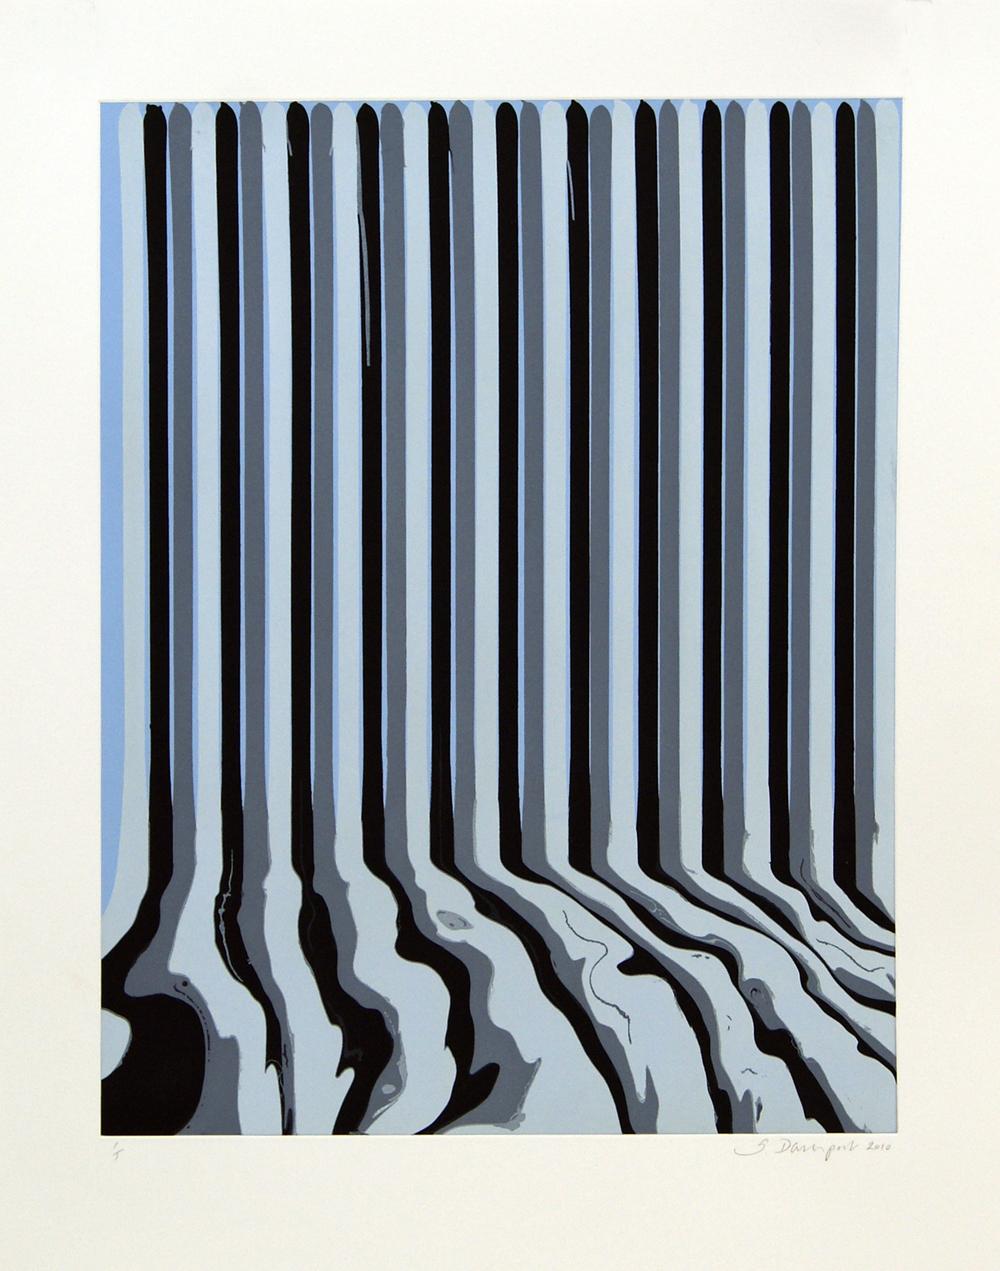 Ian Davenport    Etched Puddle: 23 • 2009 Gravura em metal Edição: única Papel: 86.5 x 67 cm